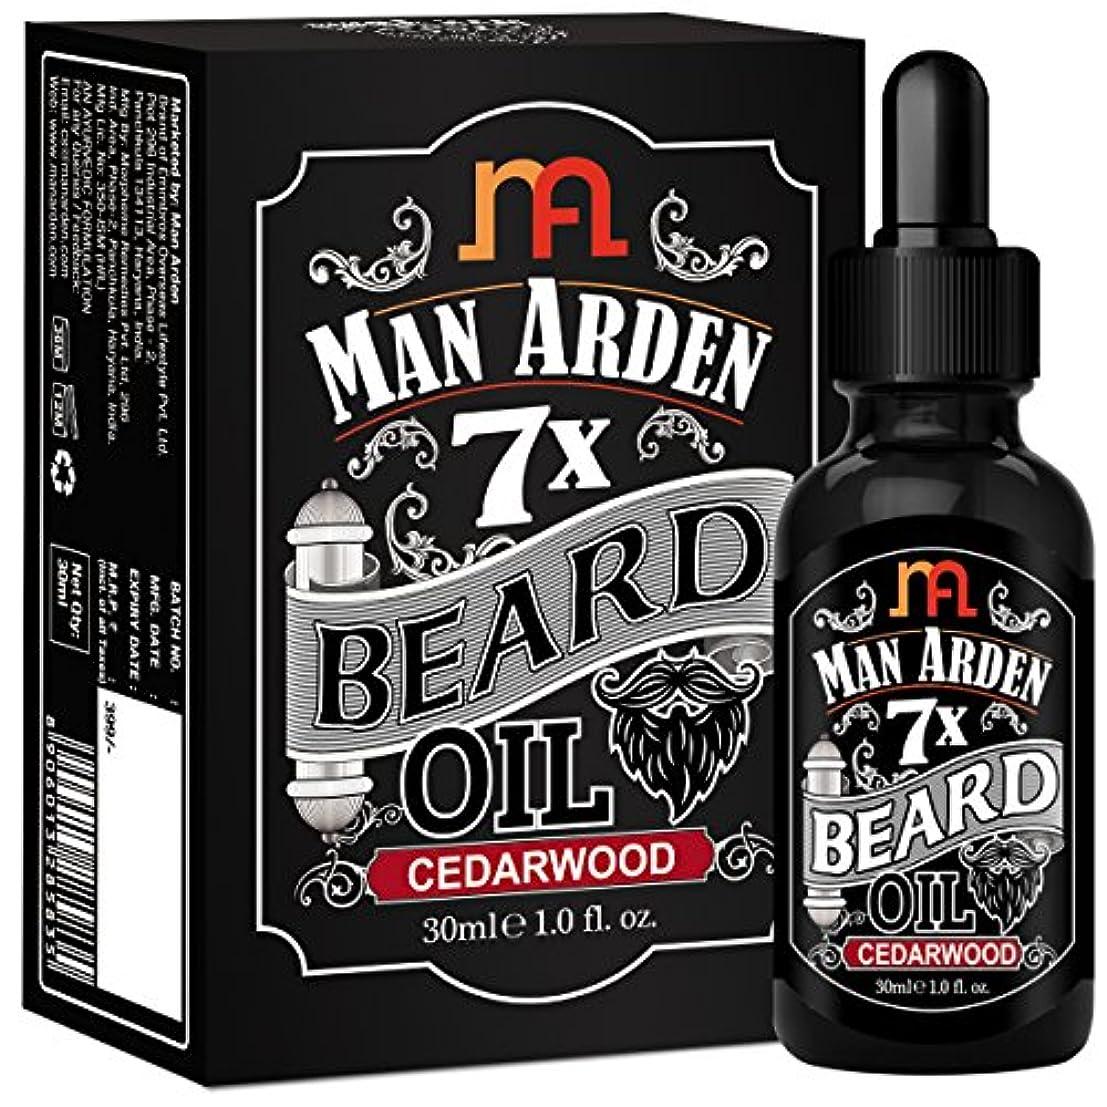 祖母王室拘束するMan Arden 7X Beard Oil 30ml (Cedarwood) - 7 Premium Oils Blend For Beard Growth & Nourishment